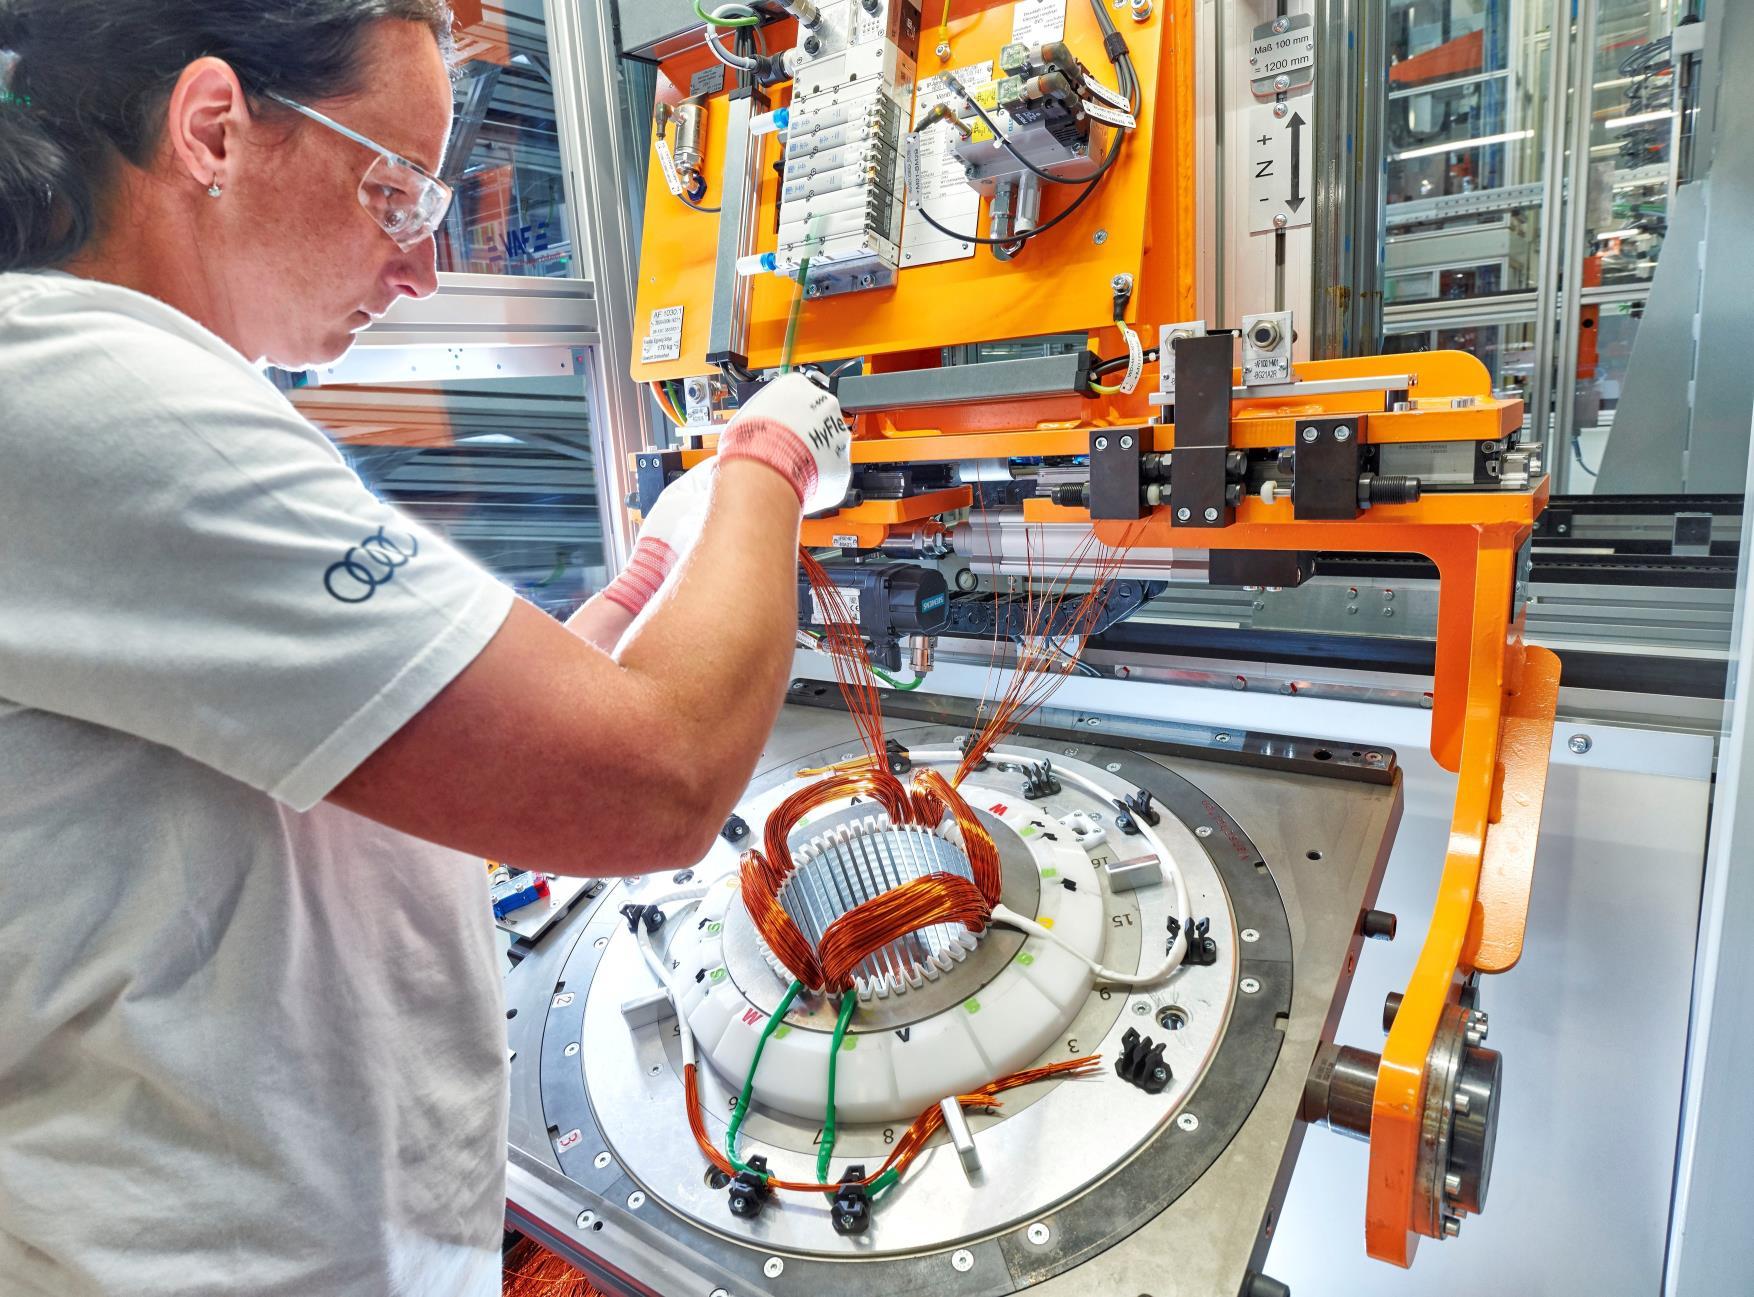 El 24 de julio se inició de forma oficial la fabricación en serie de motores eléctricos en Györ